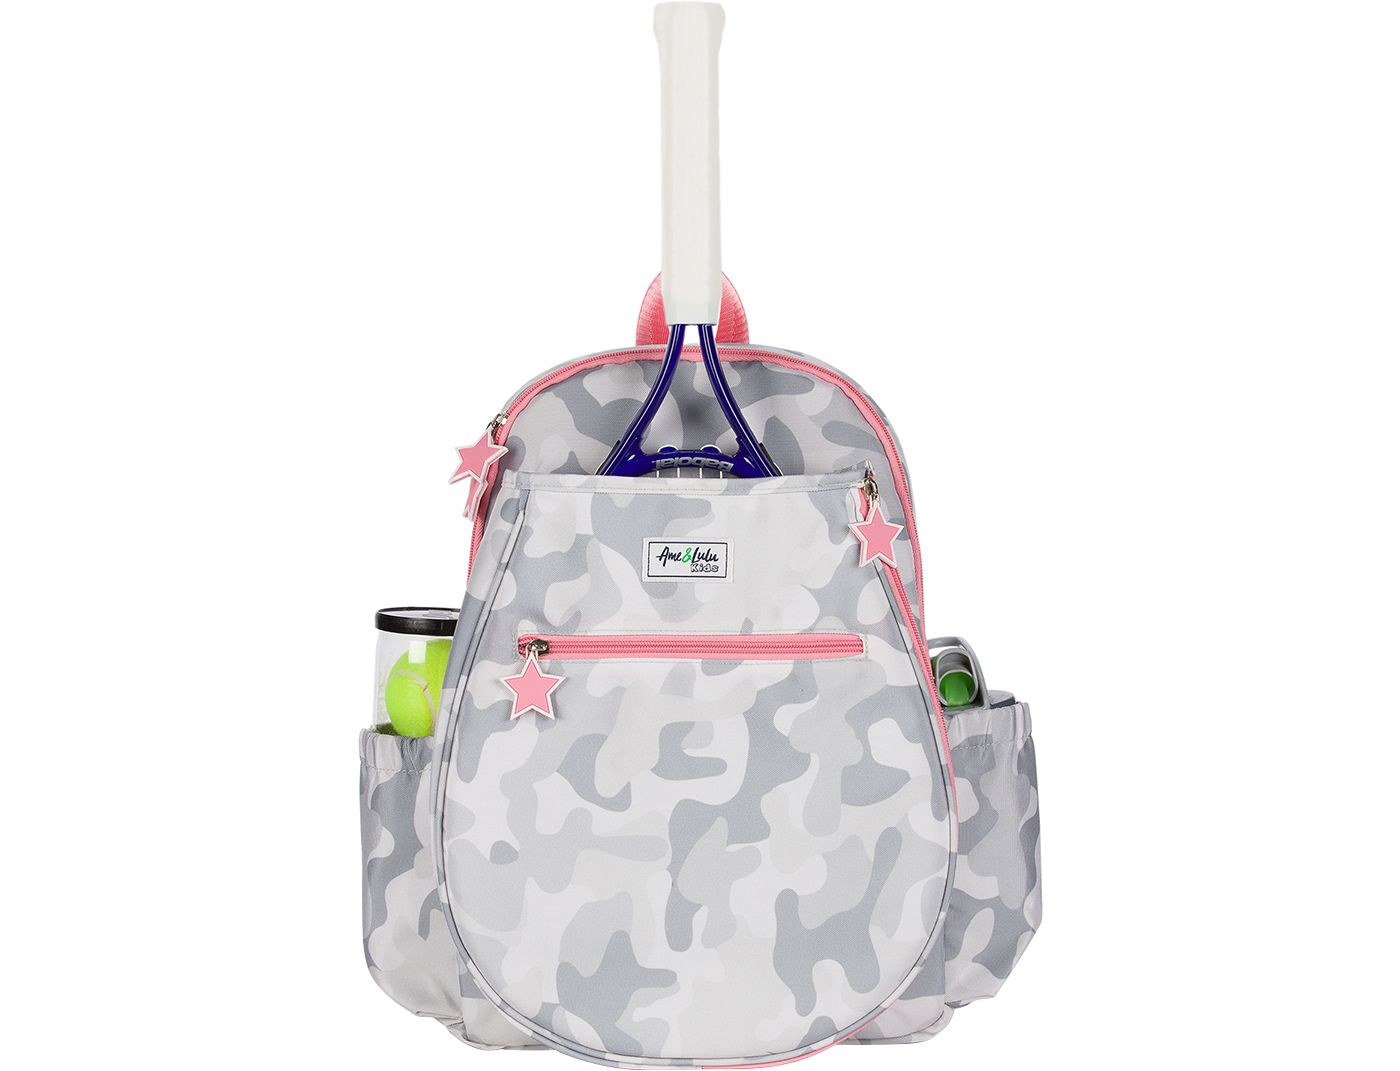 Ame & Lulu Girls' Big Love Tennis Backpack